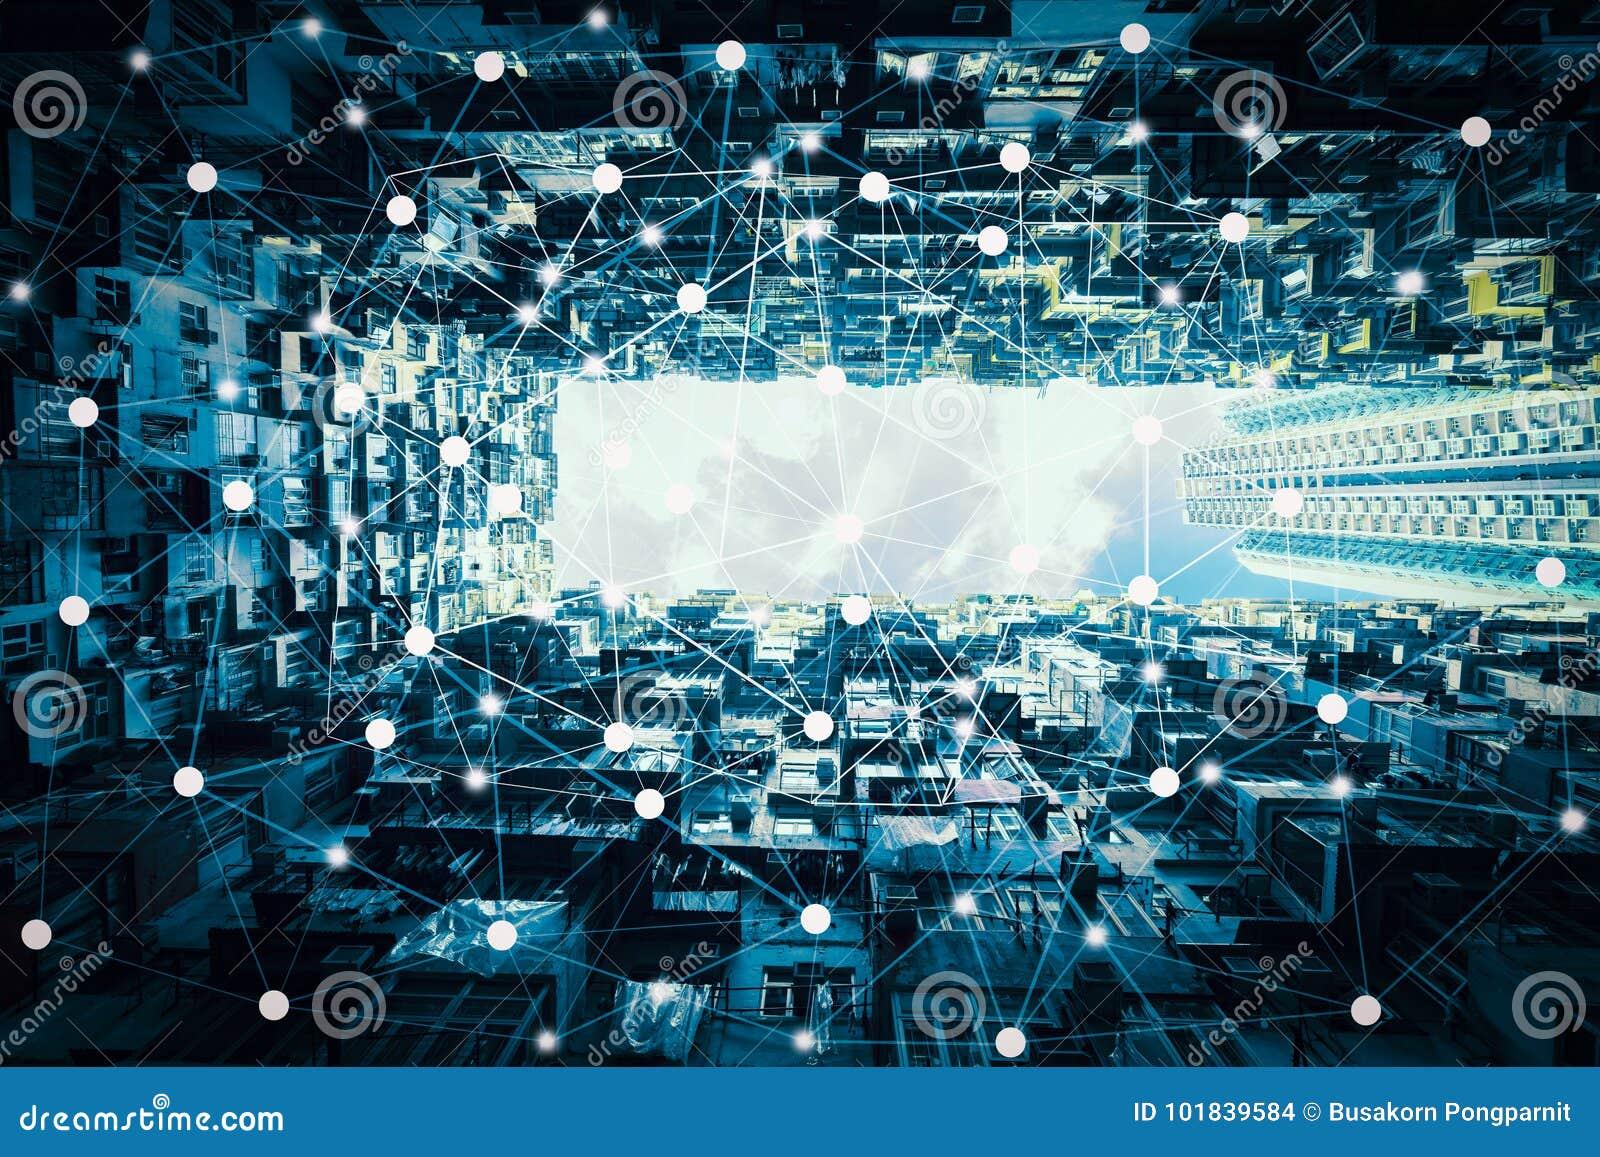 Intelligente Stadt und drahtloses Kommunikationsnetz, abstrakte Bildsichtbarmachung